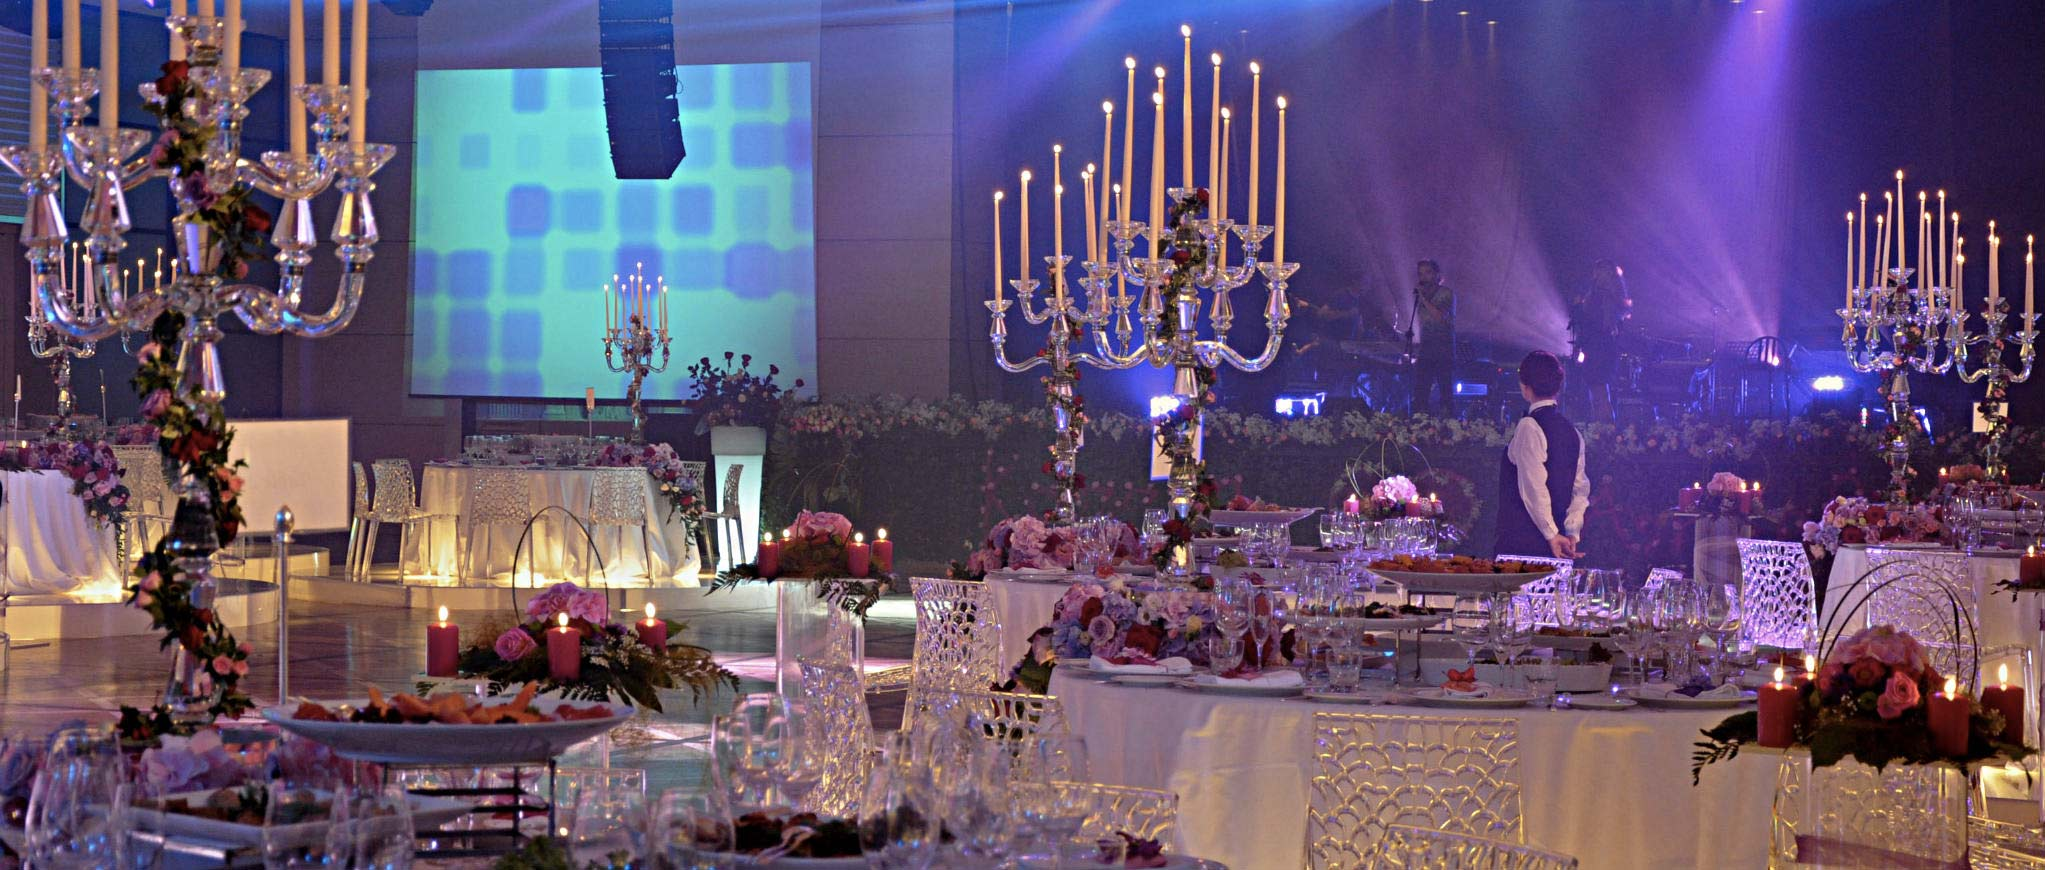 agenzia eventi roma